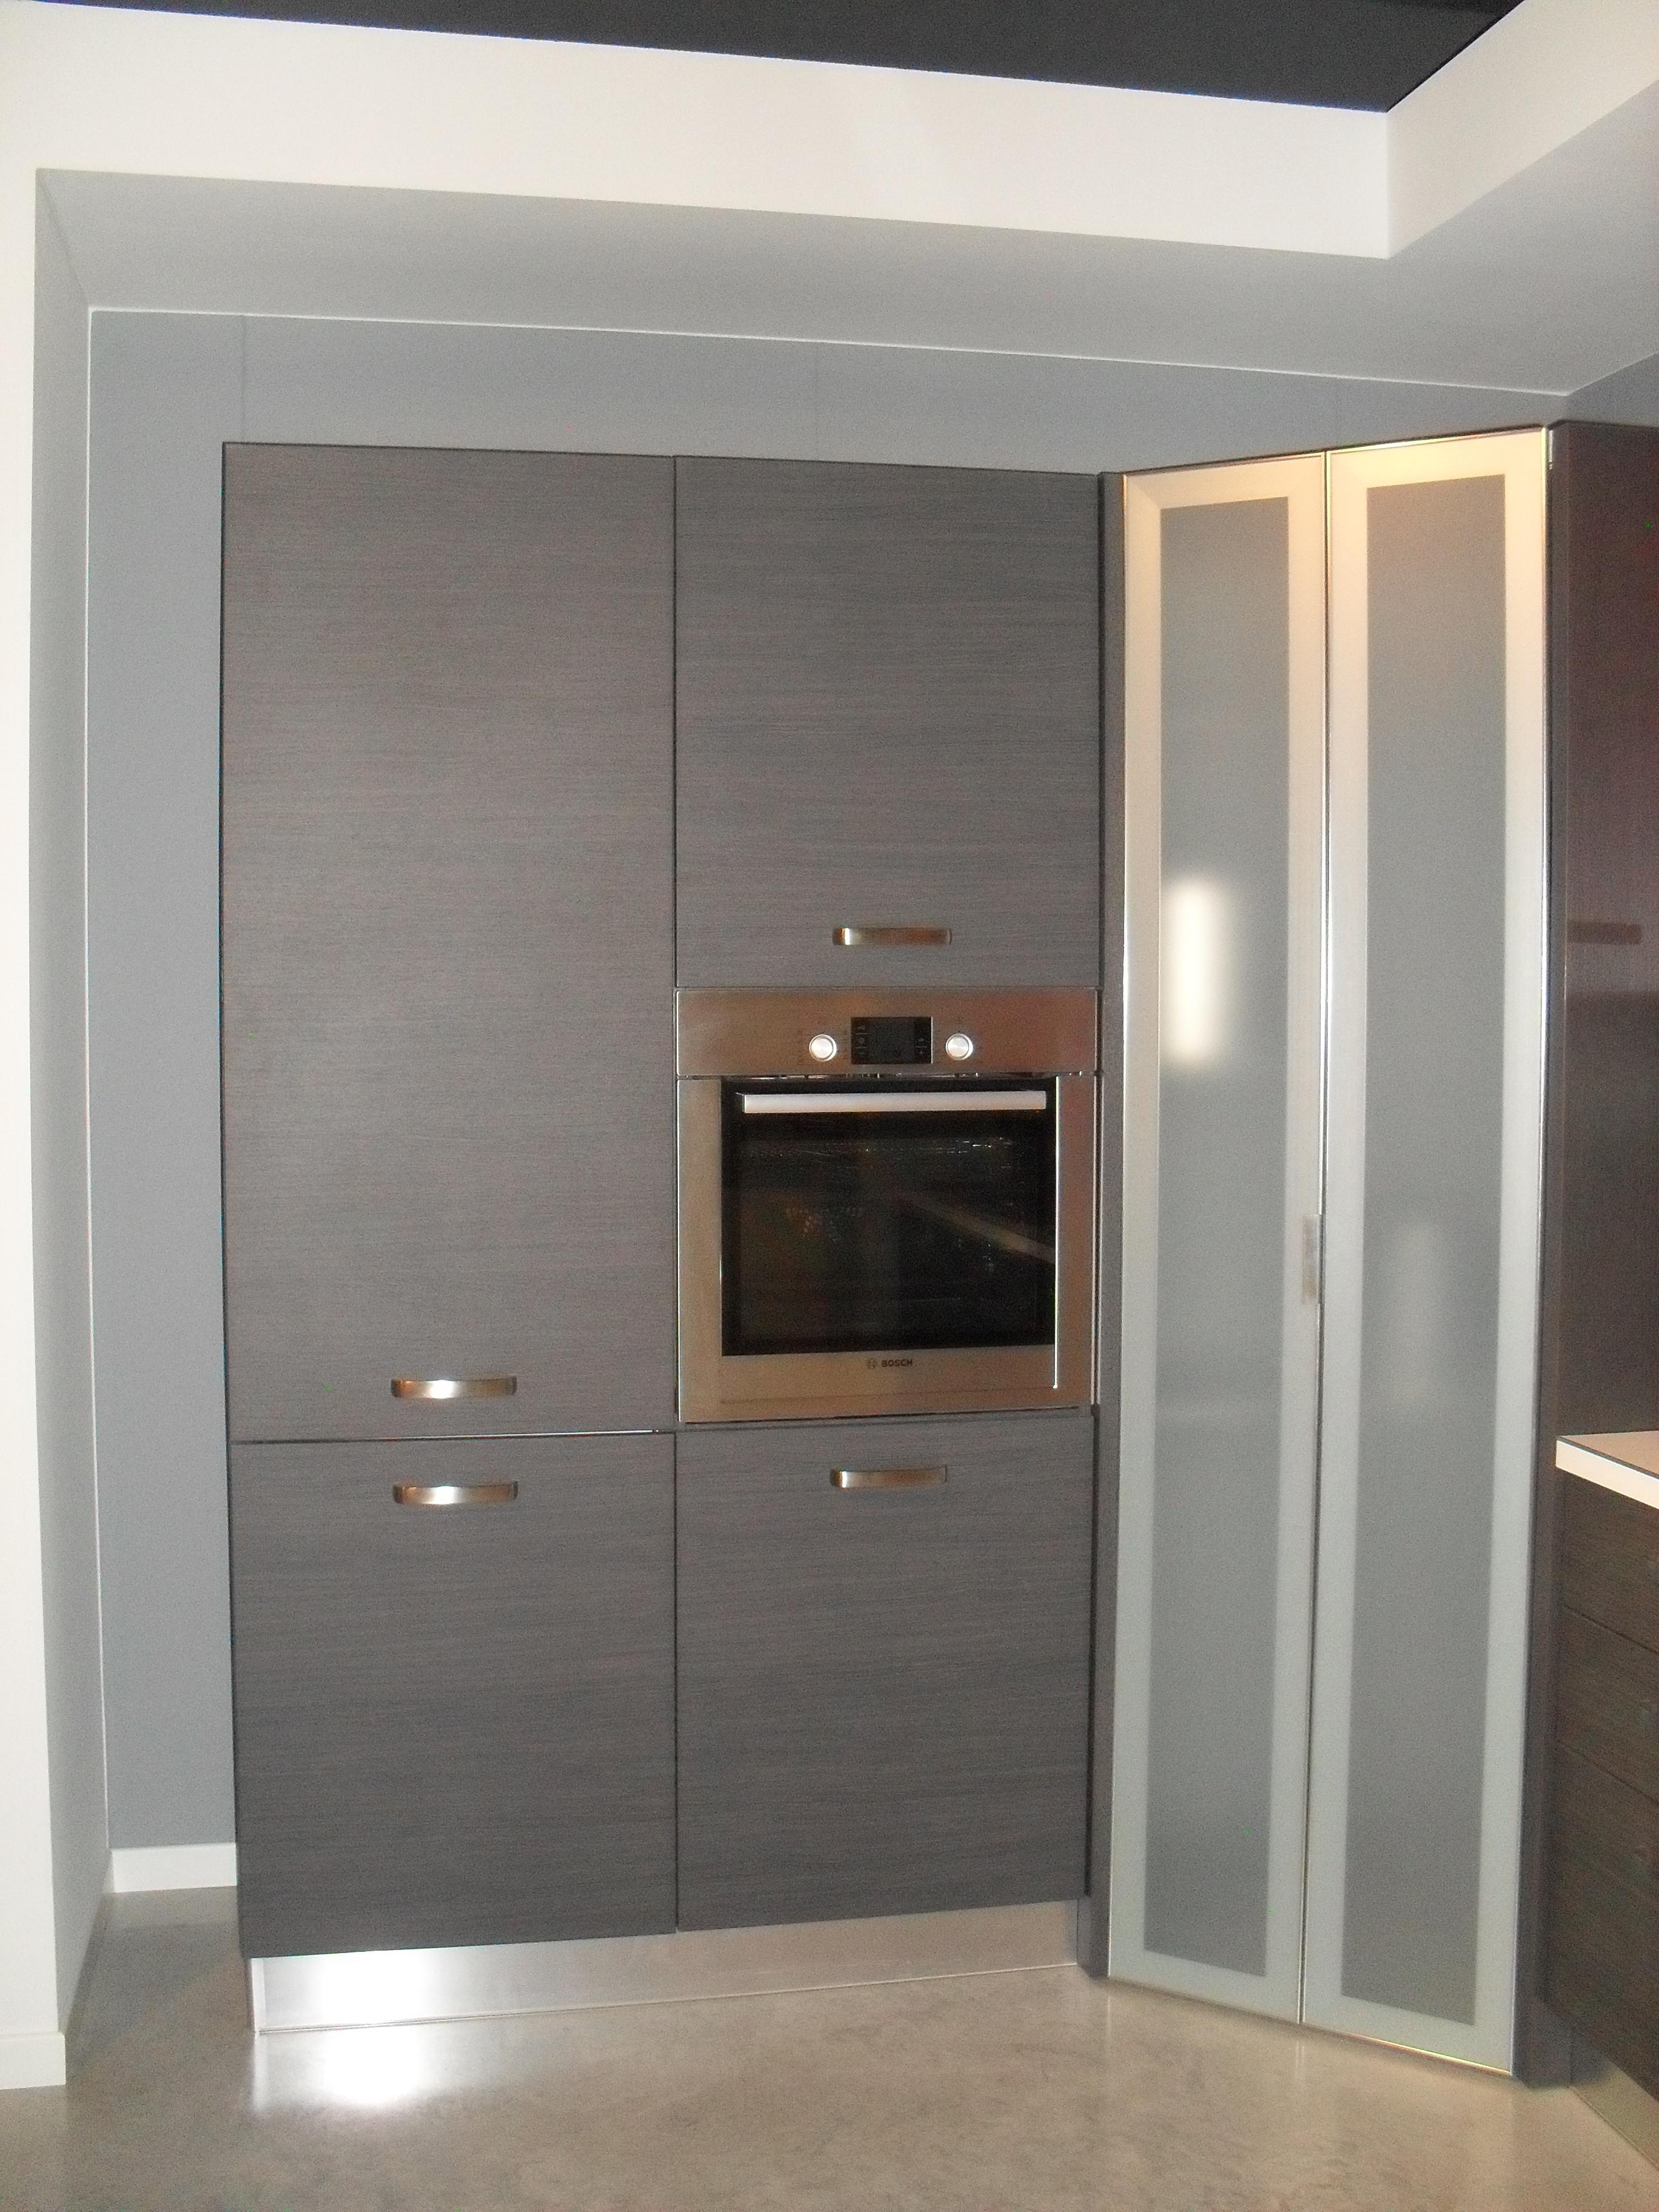 Cucina arrex in offerta cucine a prezzi scontati - Cucine moderne con dispensa ...